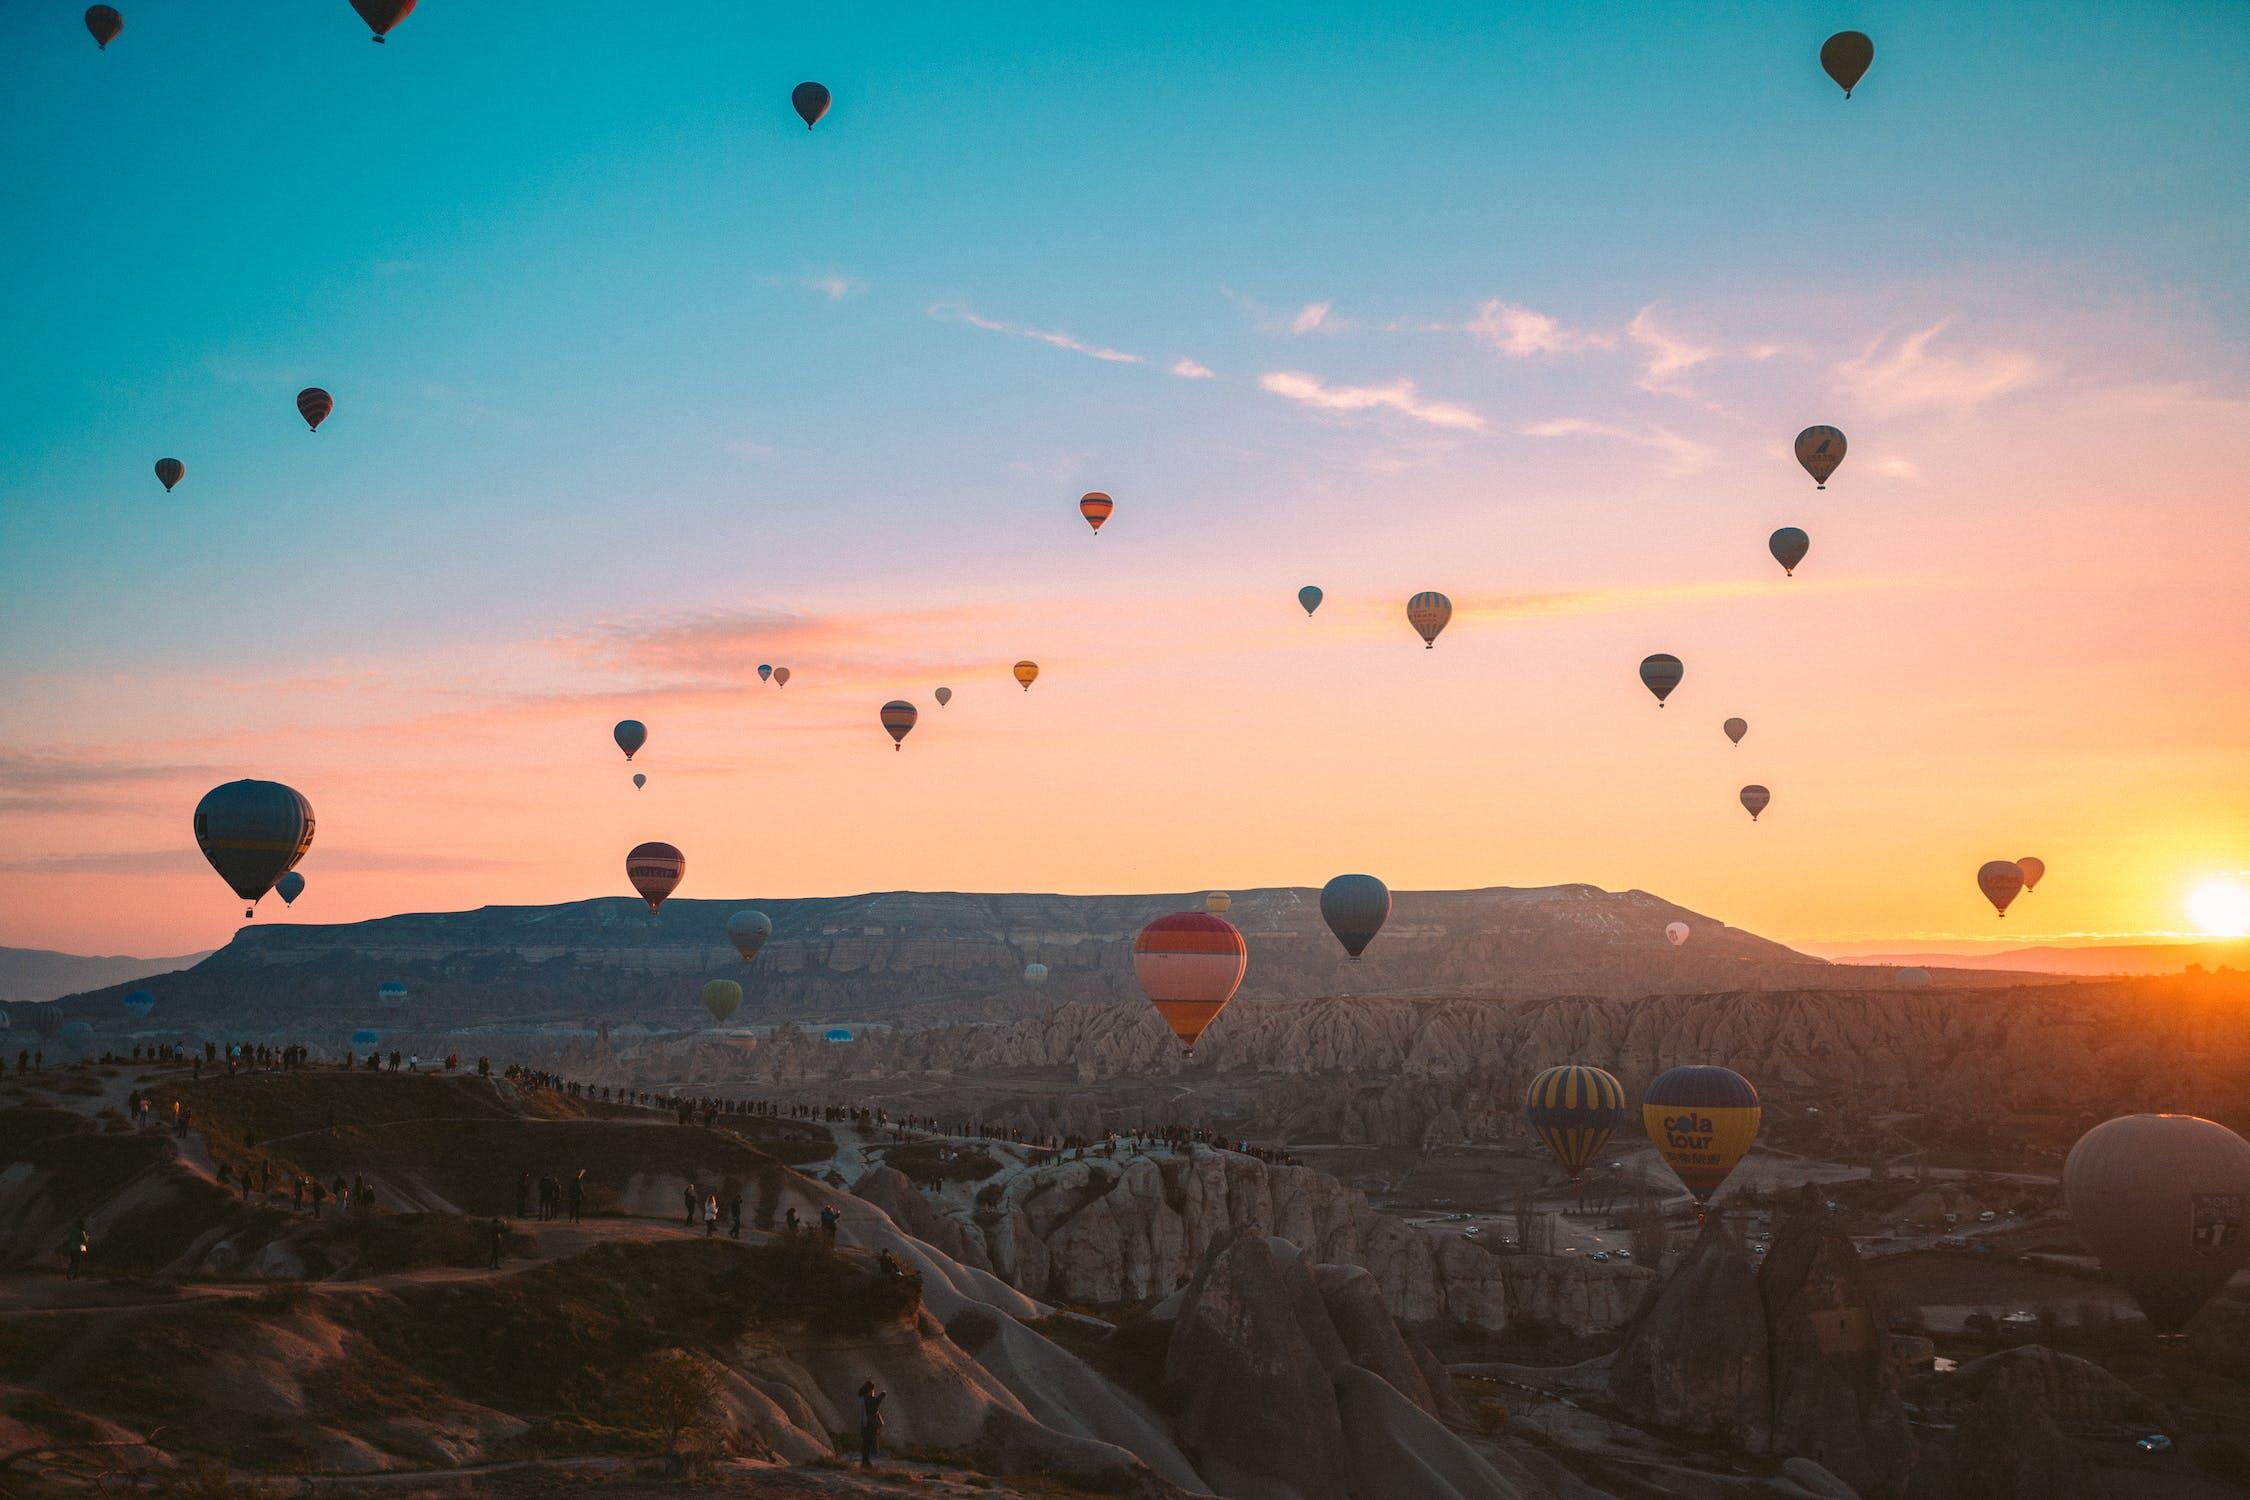 Hot Air Balloon Tour Over Cappadocia